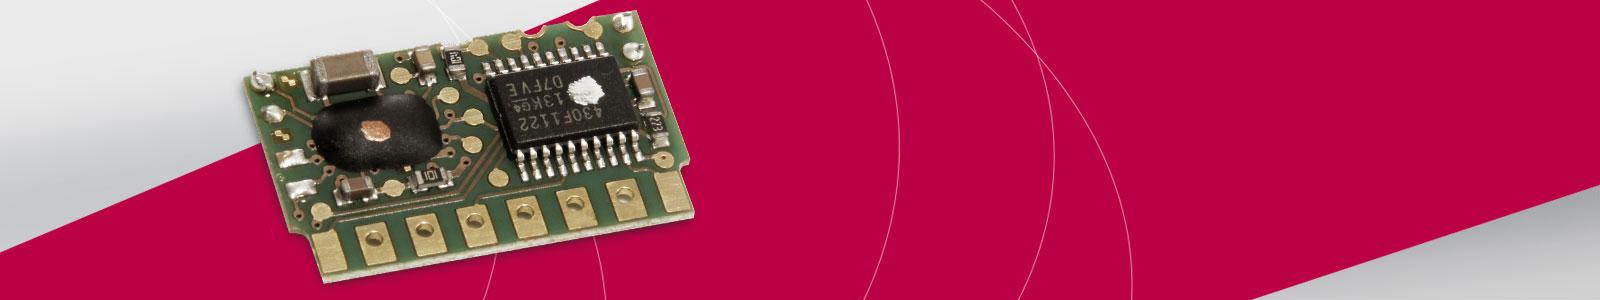 module r/écepteur dhorloge atomique 30 dB /à gain /élev/é antenne 100 mm 1,2 /à 5 V tension de fonctionnement pour radio//radio//r/éveil//minuterie ALANO DCF77 77kHz NIST Modules dhorloge radiocommand/és